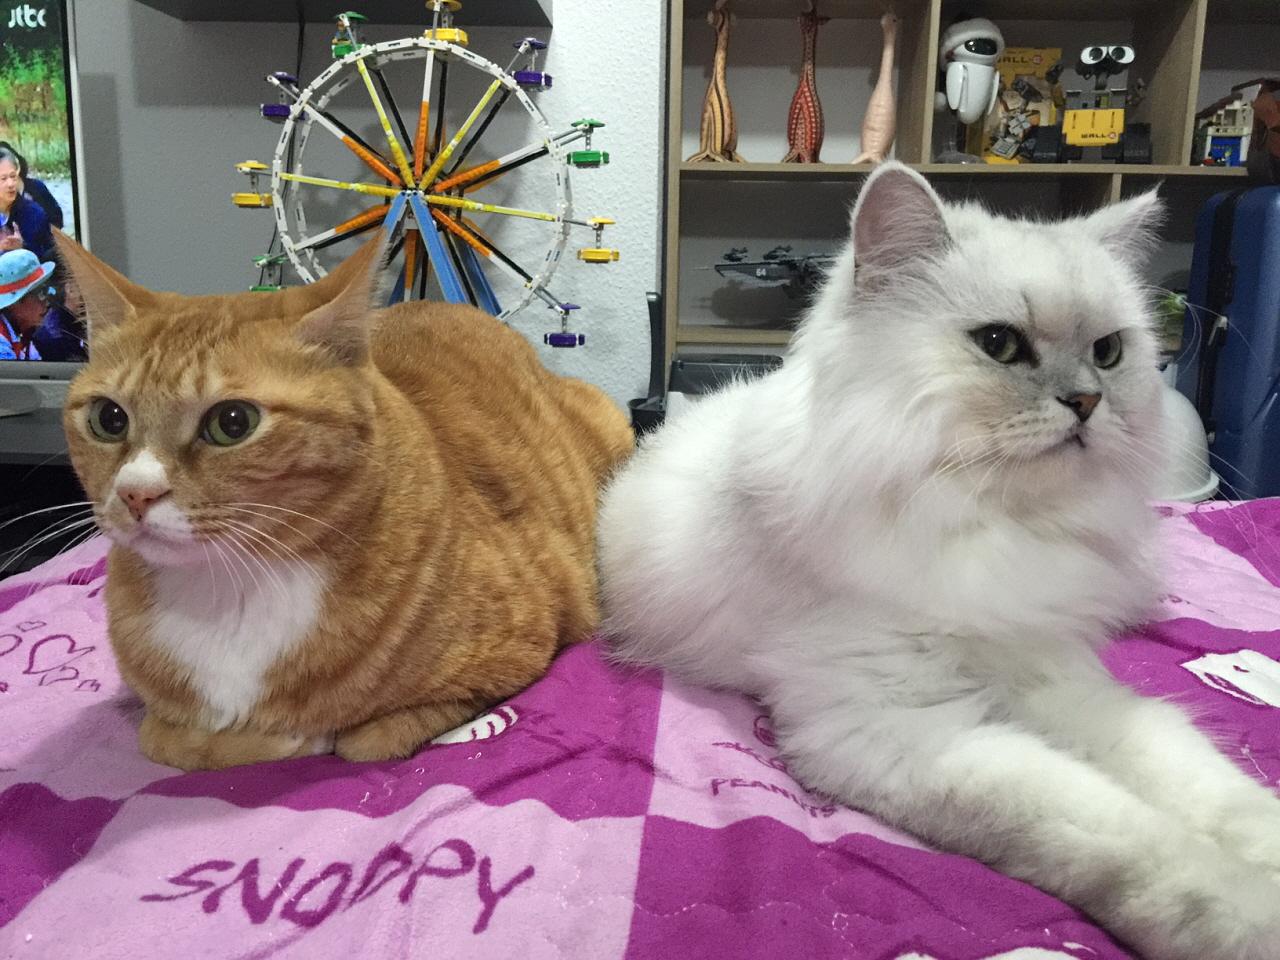 취업 후 부모님이 깜짝 선물로 데려온 한국에서 키우던 고양이들.